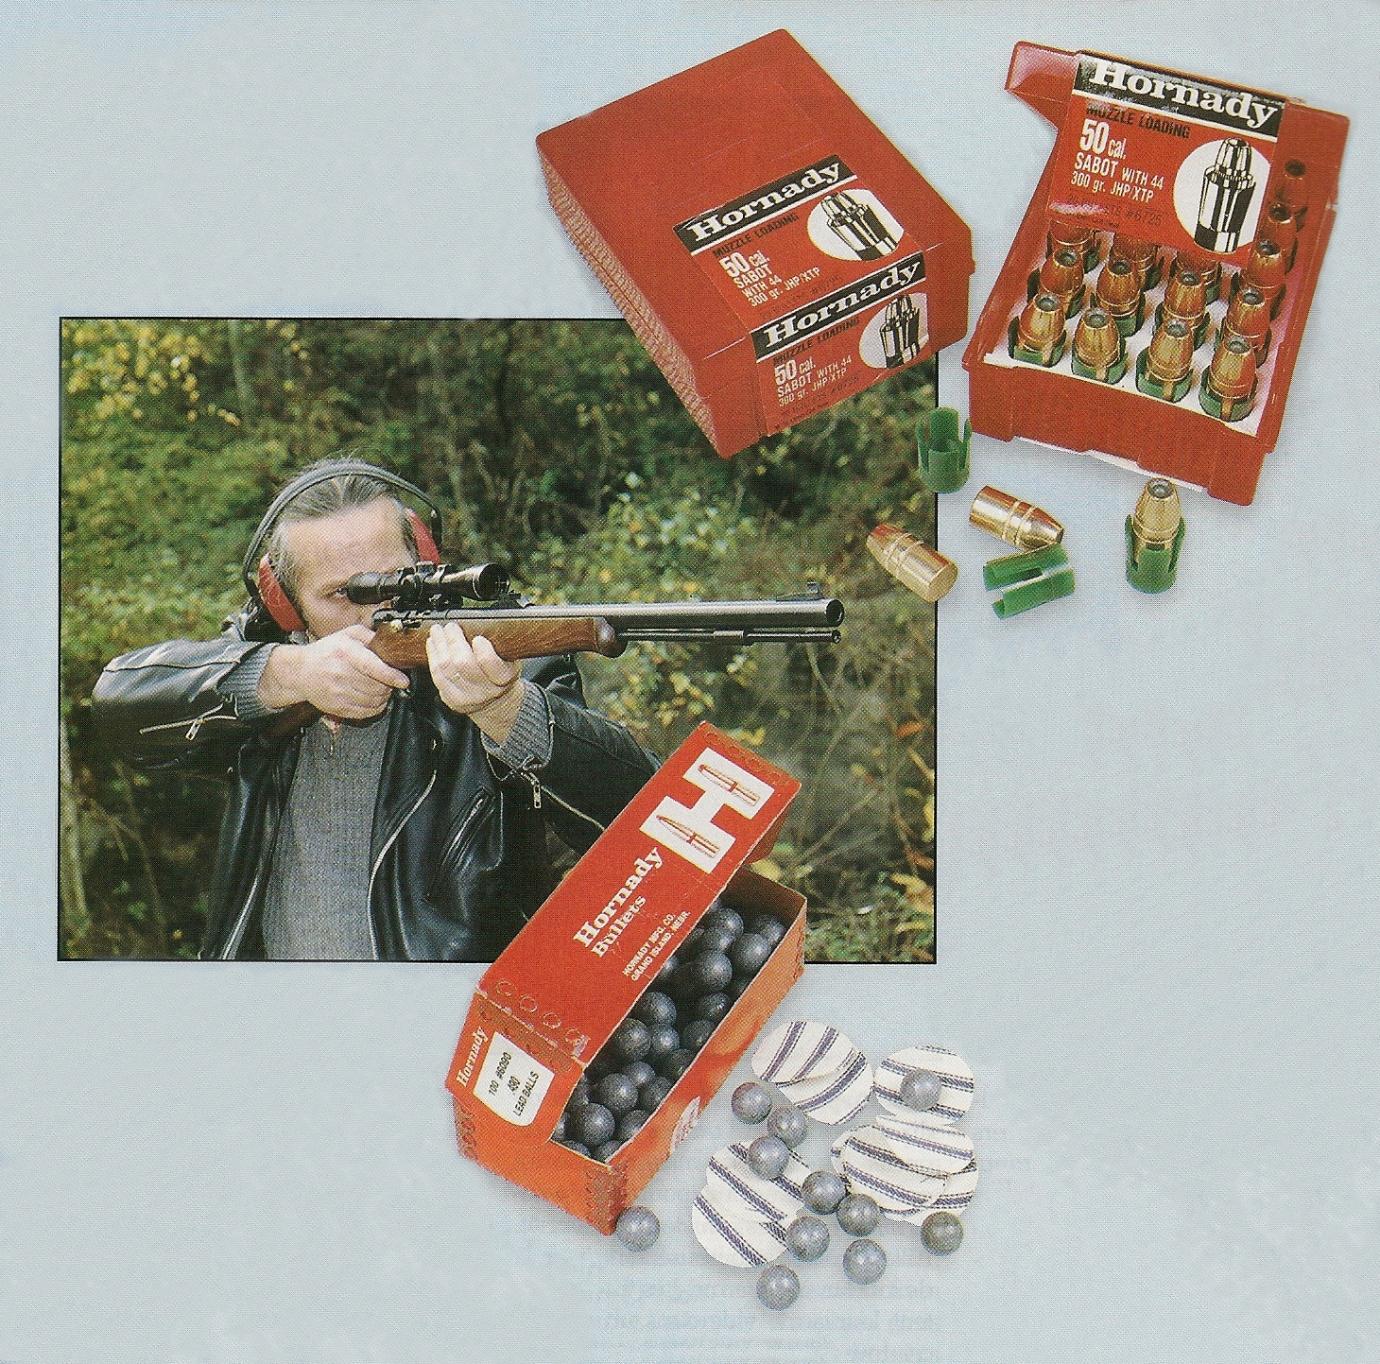 Son prix des pWeaver.lus raisonnables et la possibilité de l'équiper à moindres frais d'une lunette grossissante constituent les plus sérieux atouts de la carabine In Line. L'arme testée a été munie par nos soins d'une lunette Norconia 4 x 32, fixée au moyen de colliers Warne et de rails Weaver. On peut utiliser pour le chargement les balles Hornady Sabot de calibre .50, qui se composent d'un projectile blindé Hollow-Point de calibre .44, d'un poids de 300 grains, contenu dans un godet en nylon qui assure la prise des rayures du canon mais la méthode la plus simple et la moins onéreuse consiste à employer des balles sphériques (Hornady de calibre .490) et des calepins découpés dans une toile de coton (toile Ox-Yoke de 0,4 mm d'épaisseur).